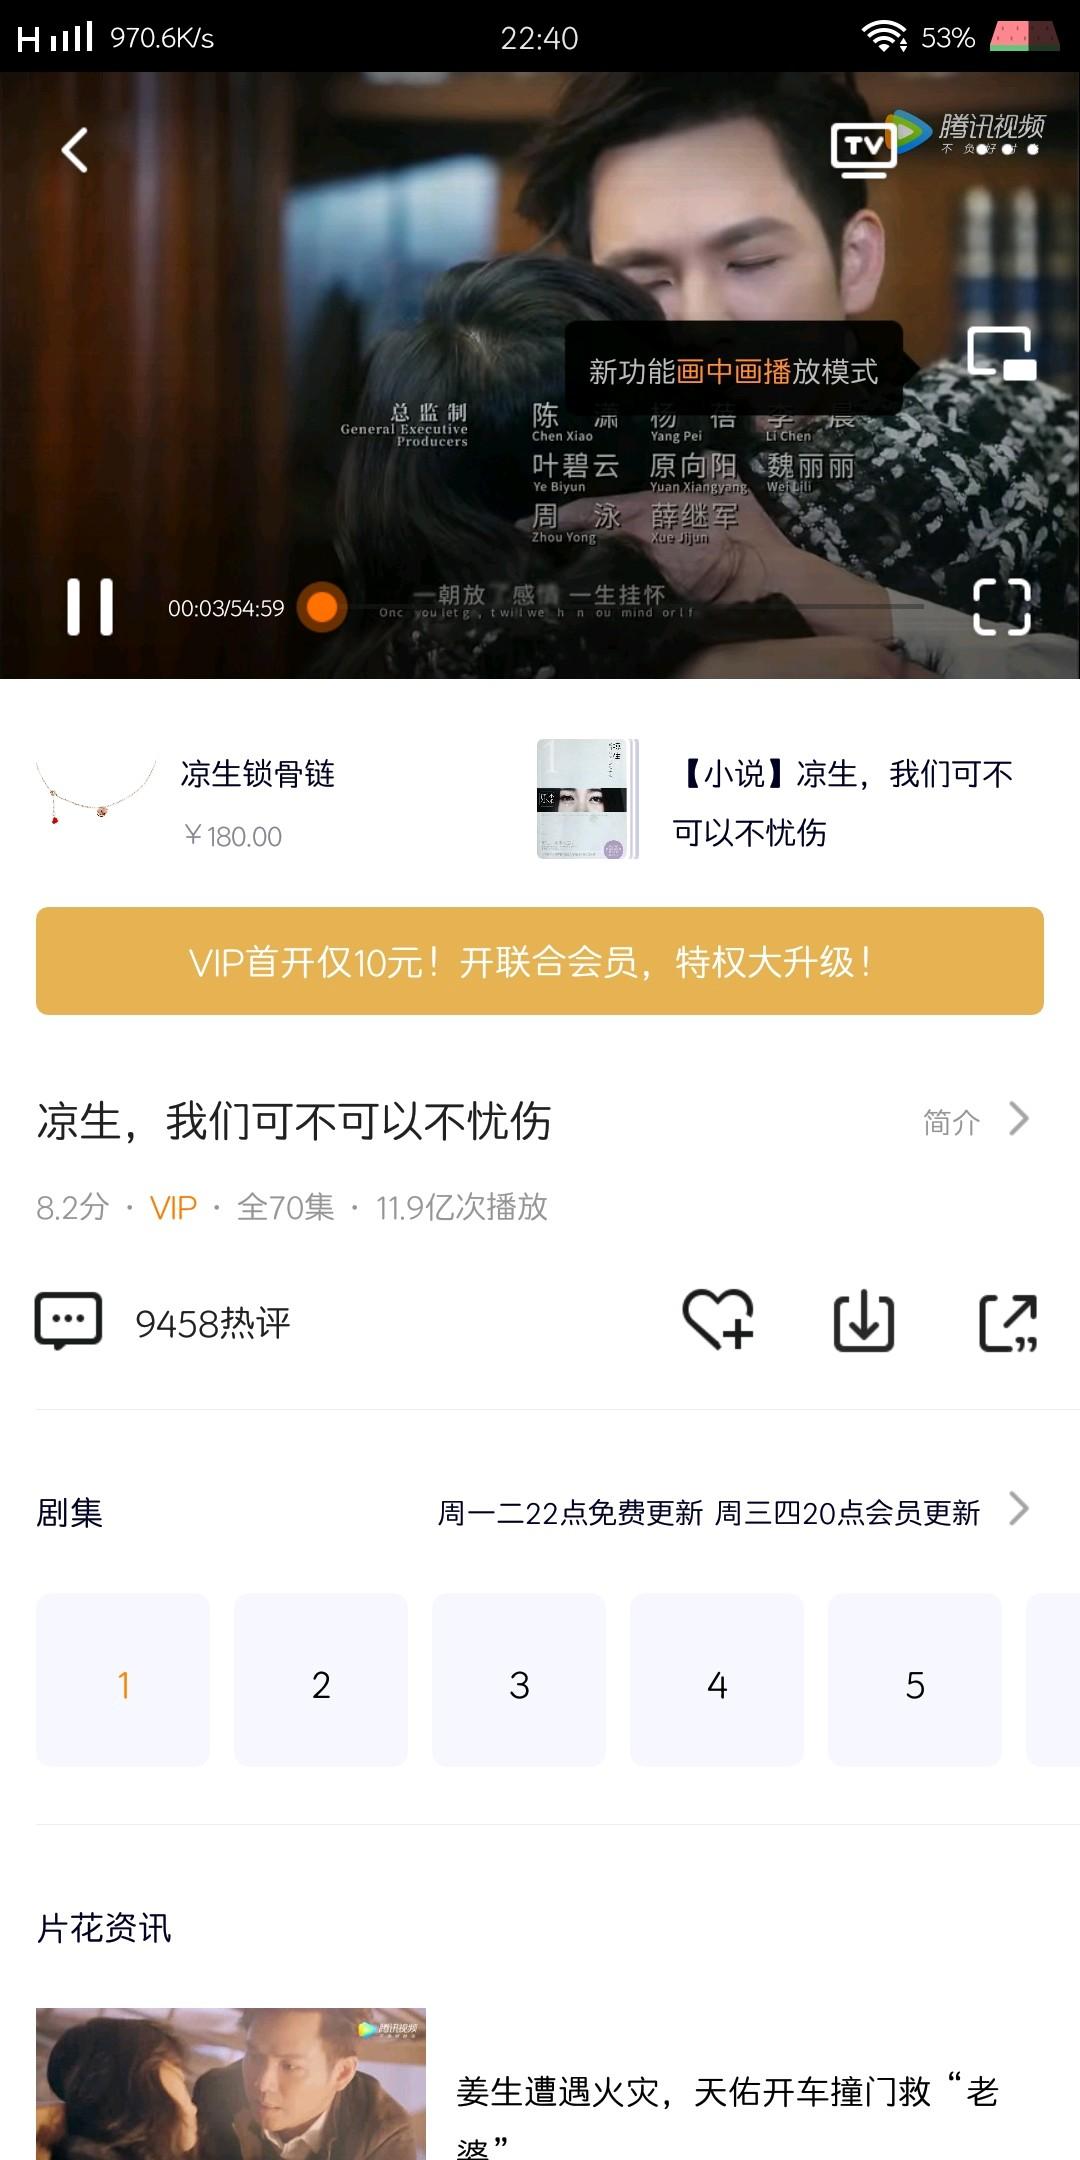 Screenshot_20181003_224030.jpg